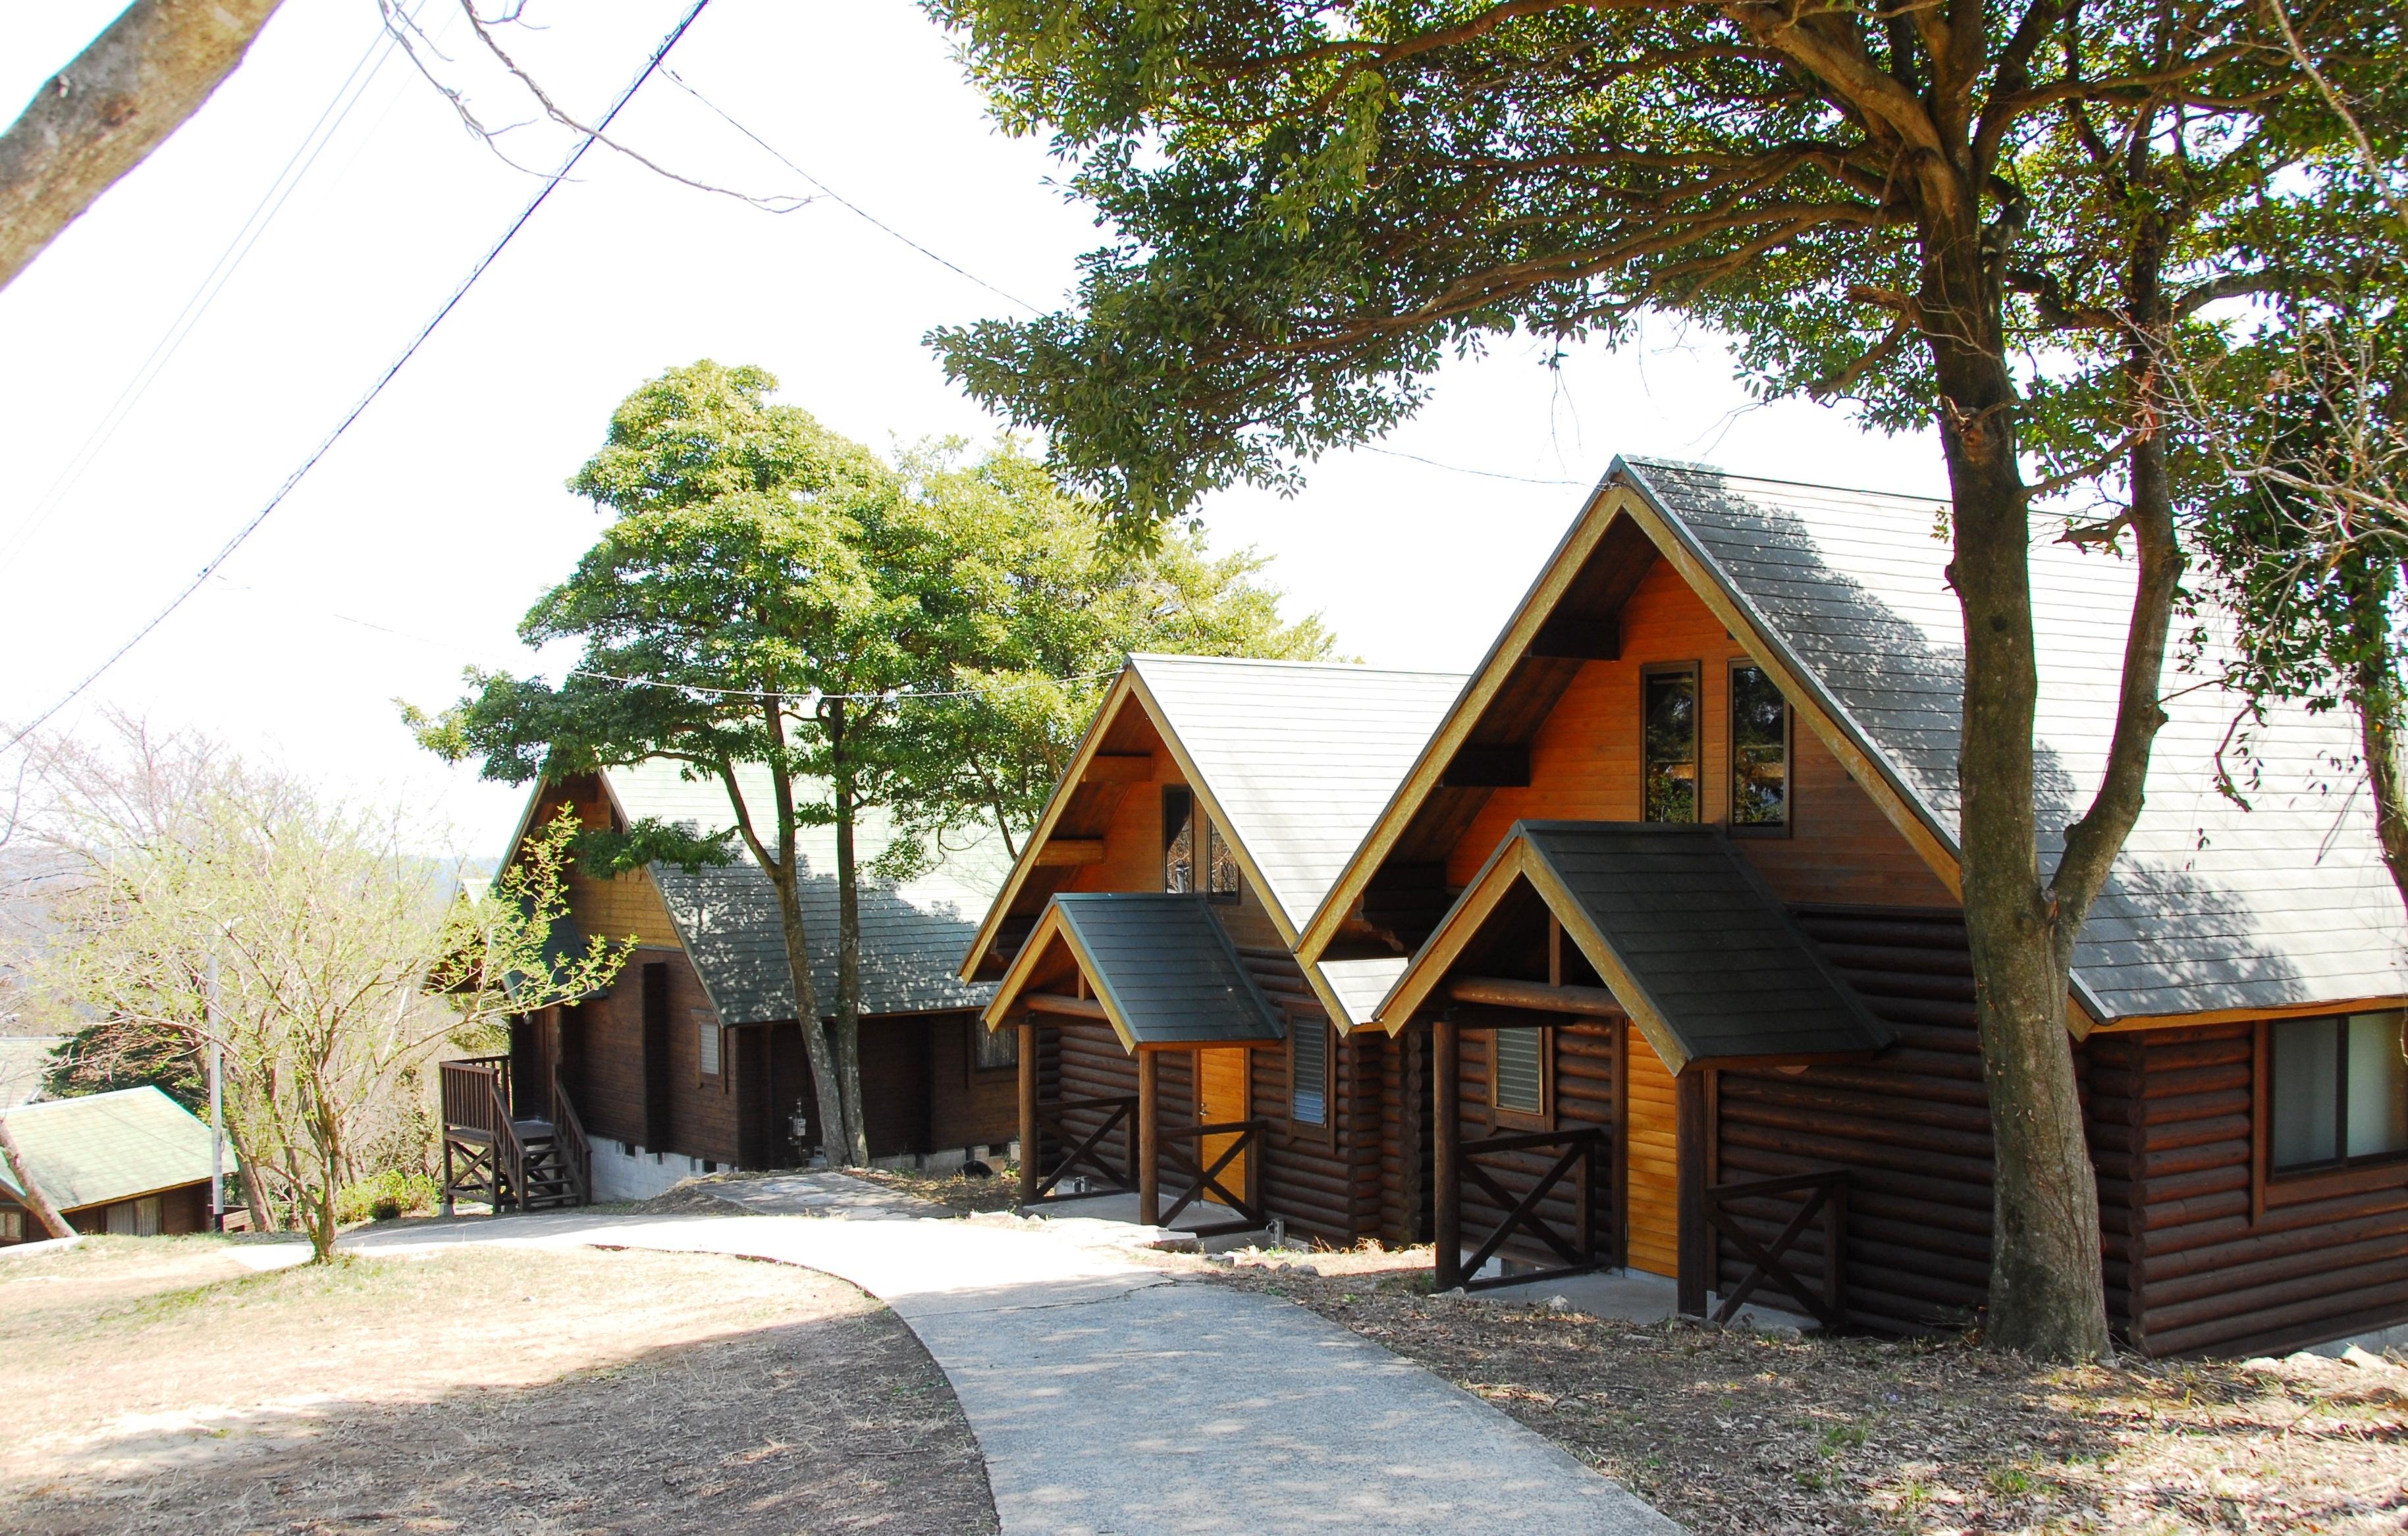 大分県 権現崎ふるさと自然公園キャンプ場 の写真g67930